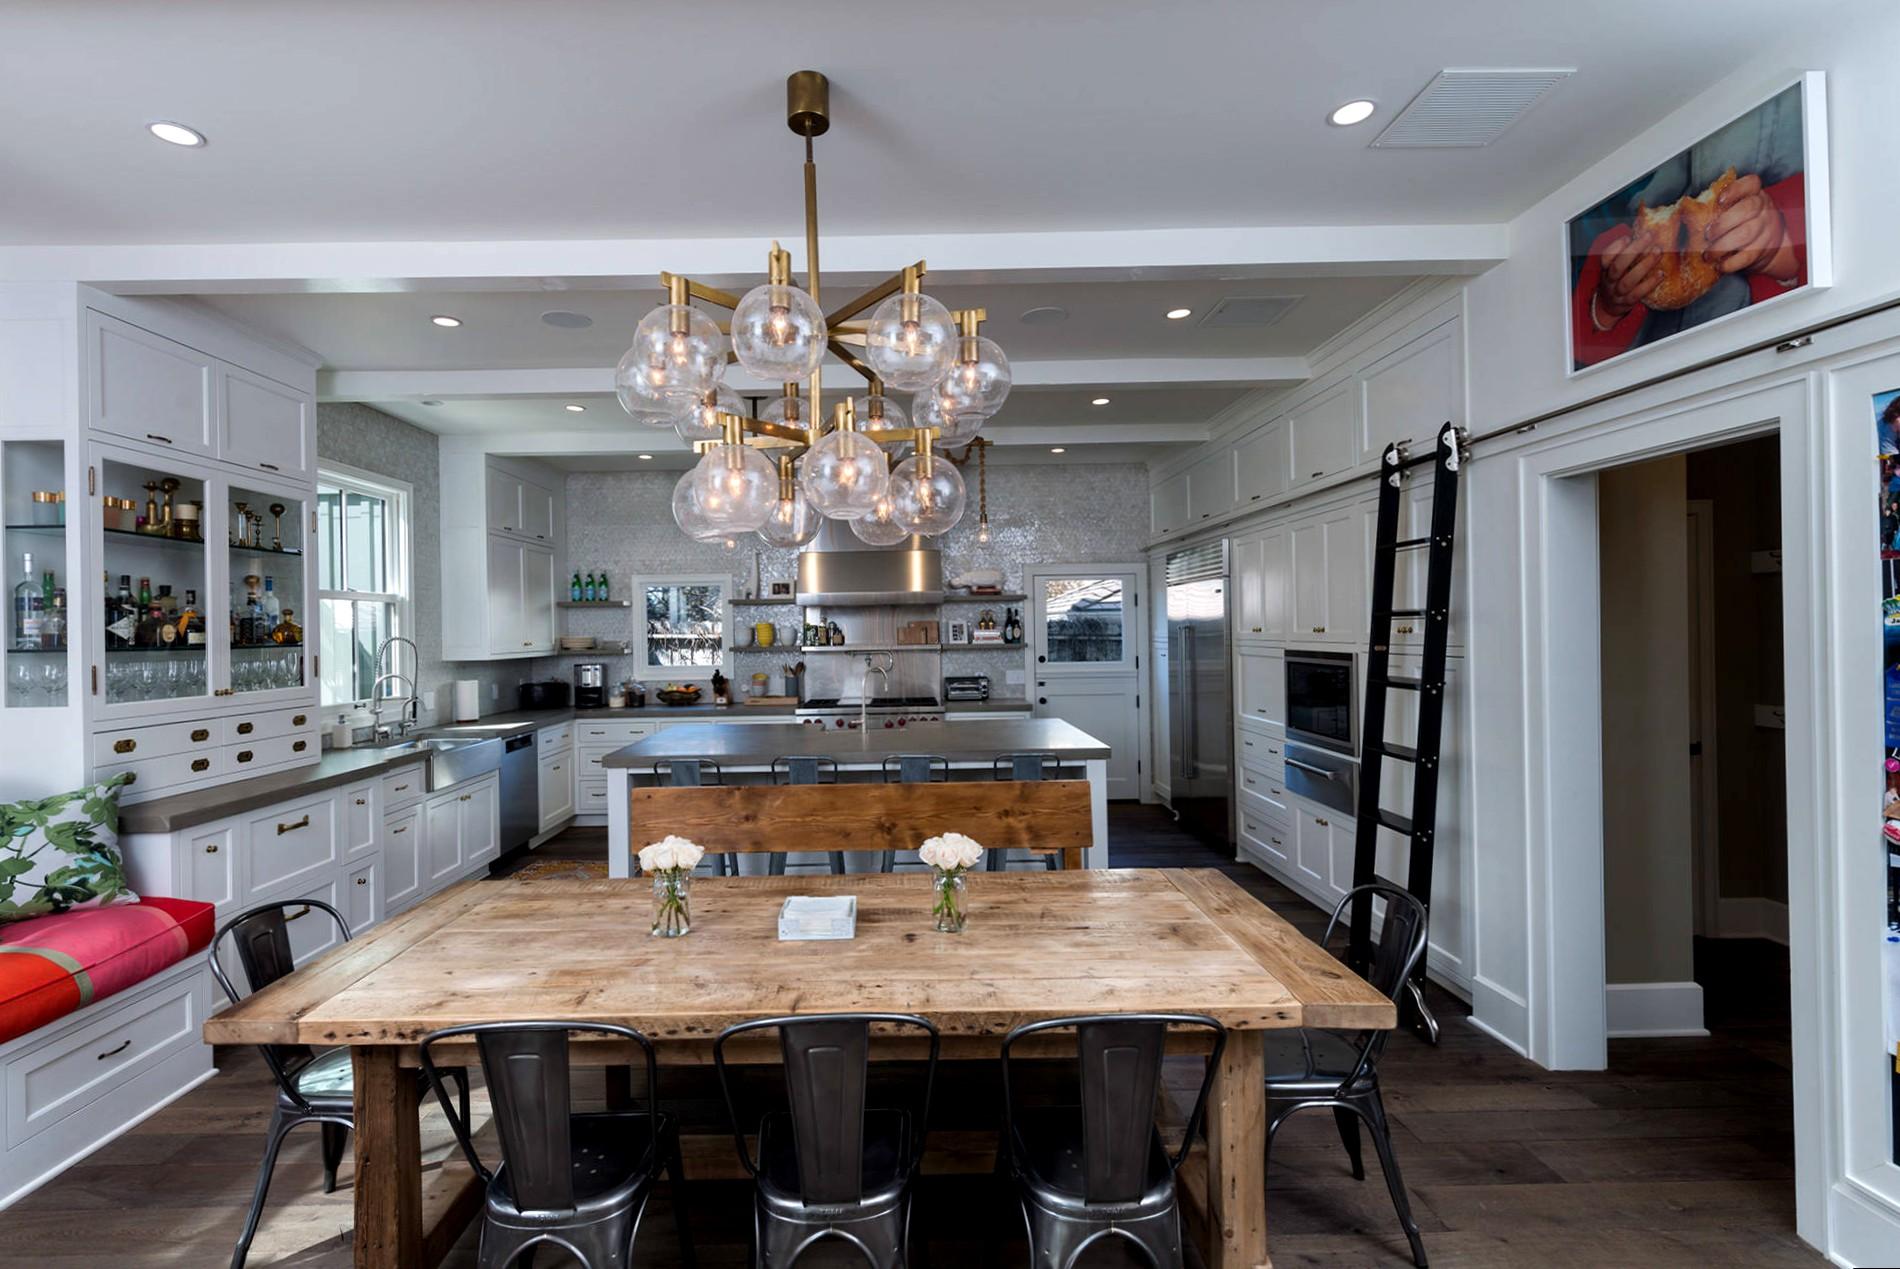 кухня в стиле кафе фото декор